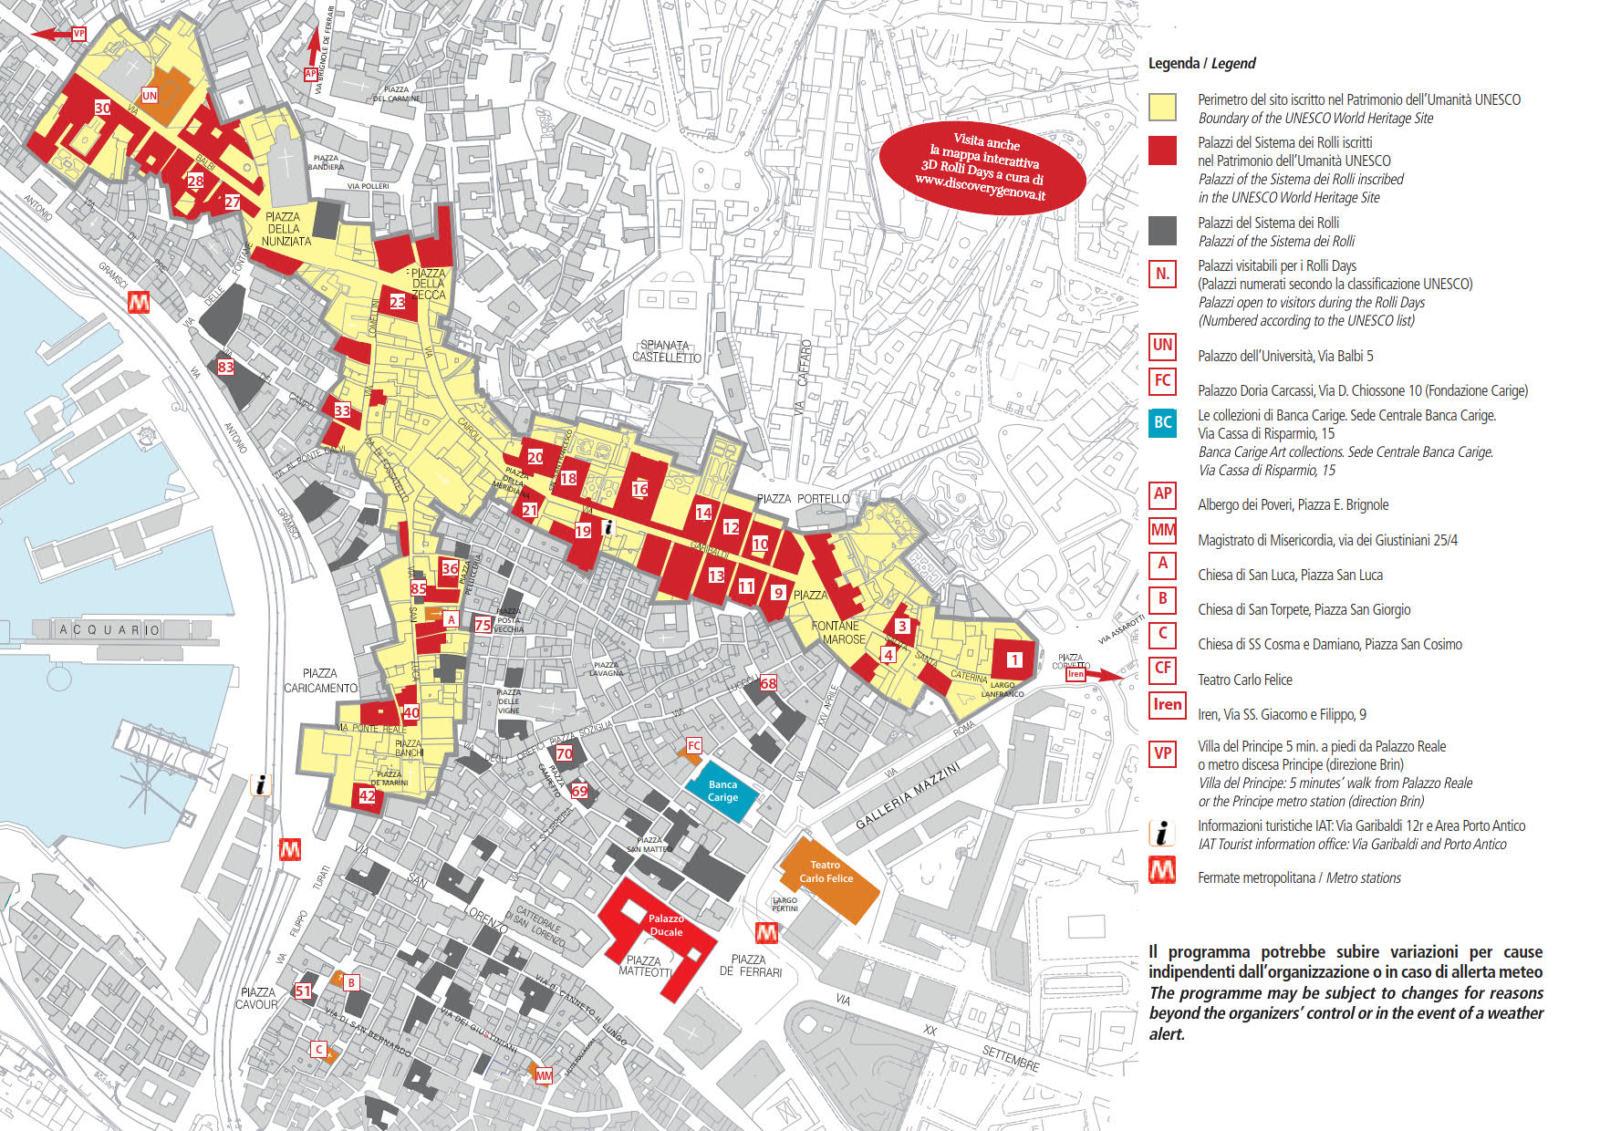 Mappa Palazzi Rolli - Genova Maggio 2019